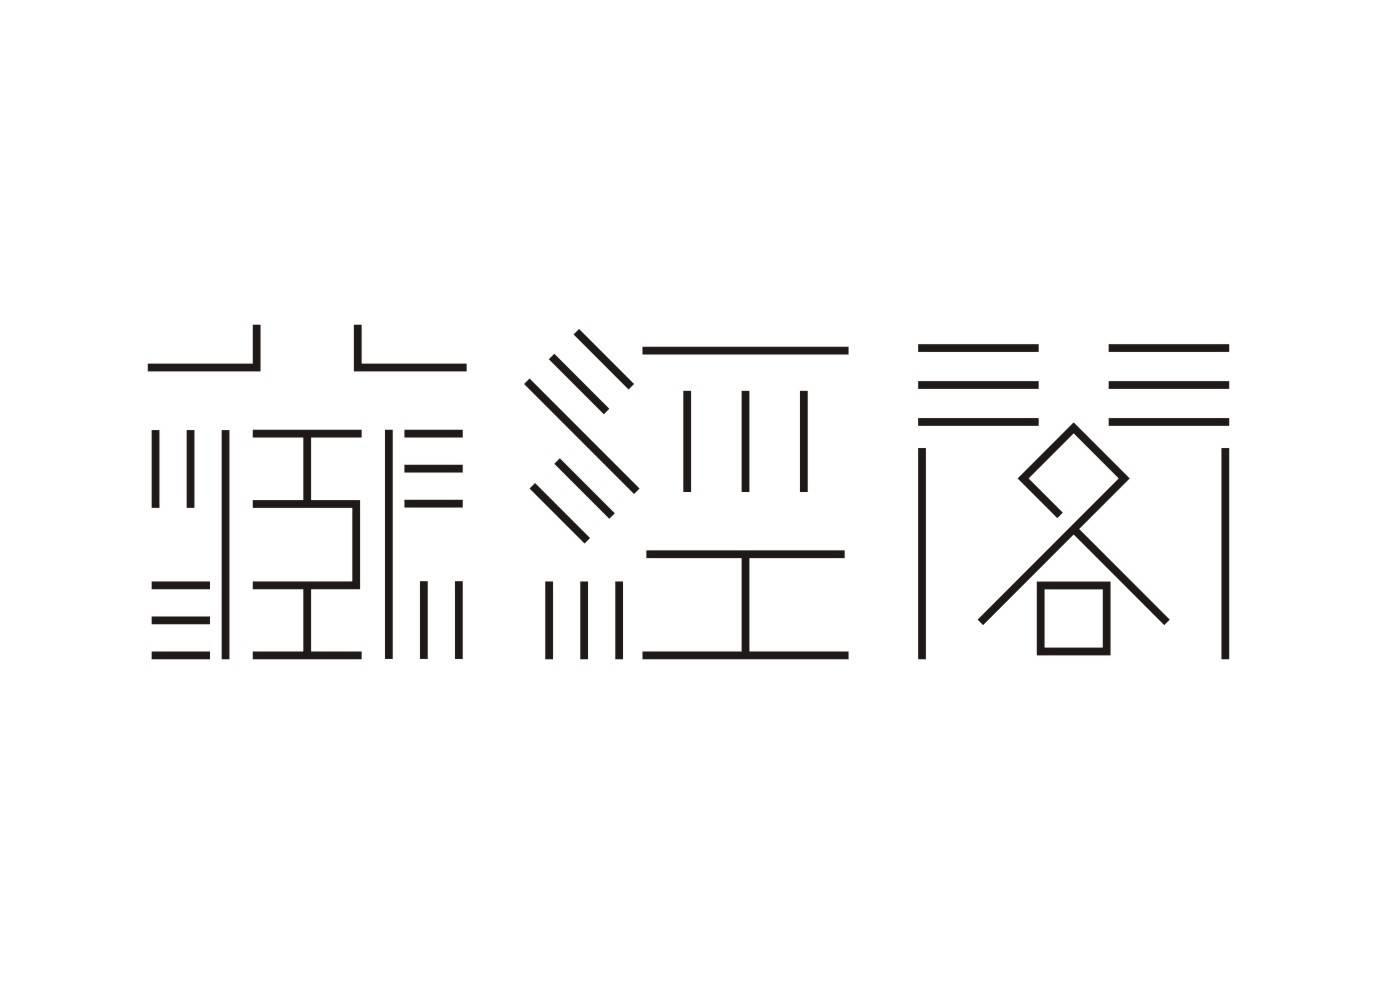 日本字体设计协会(jta)成立于1964年,是一个促进文字传达与字体